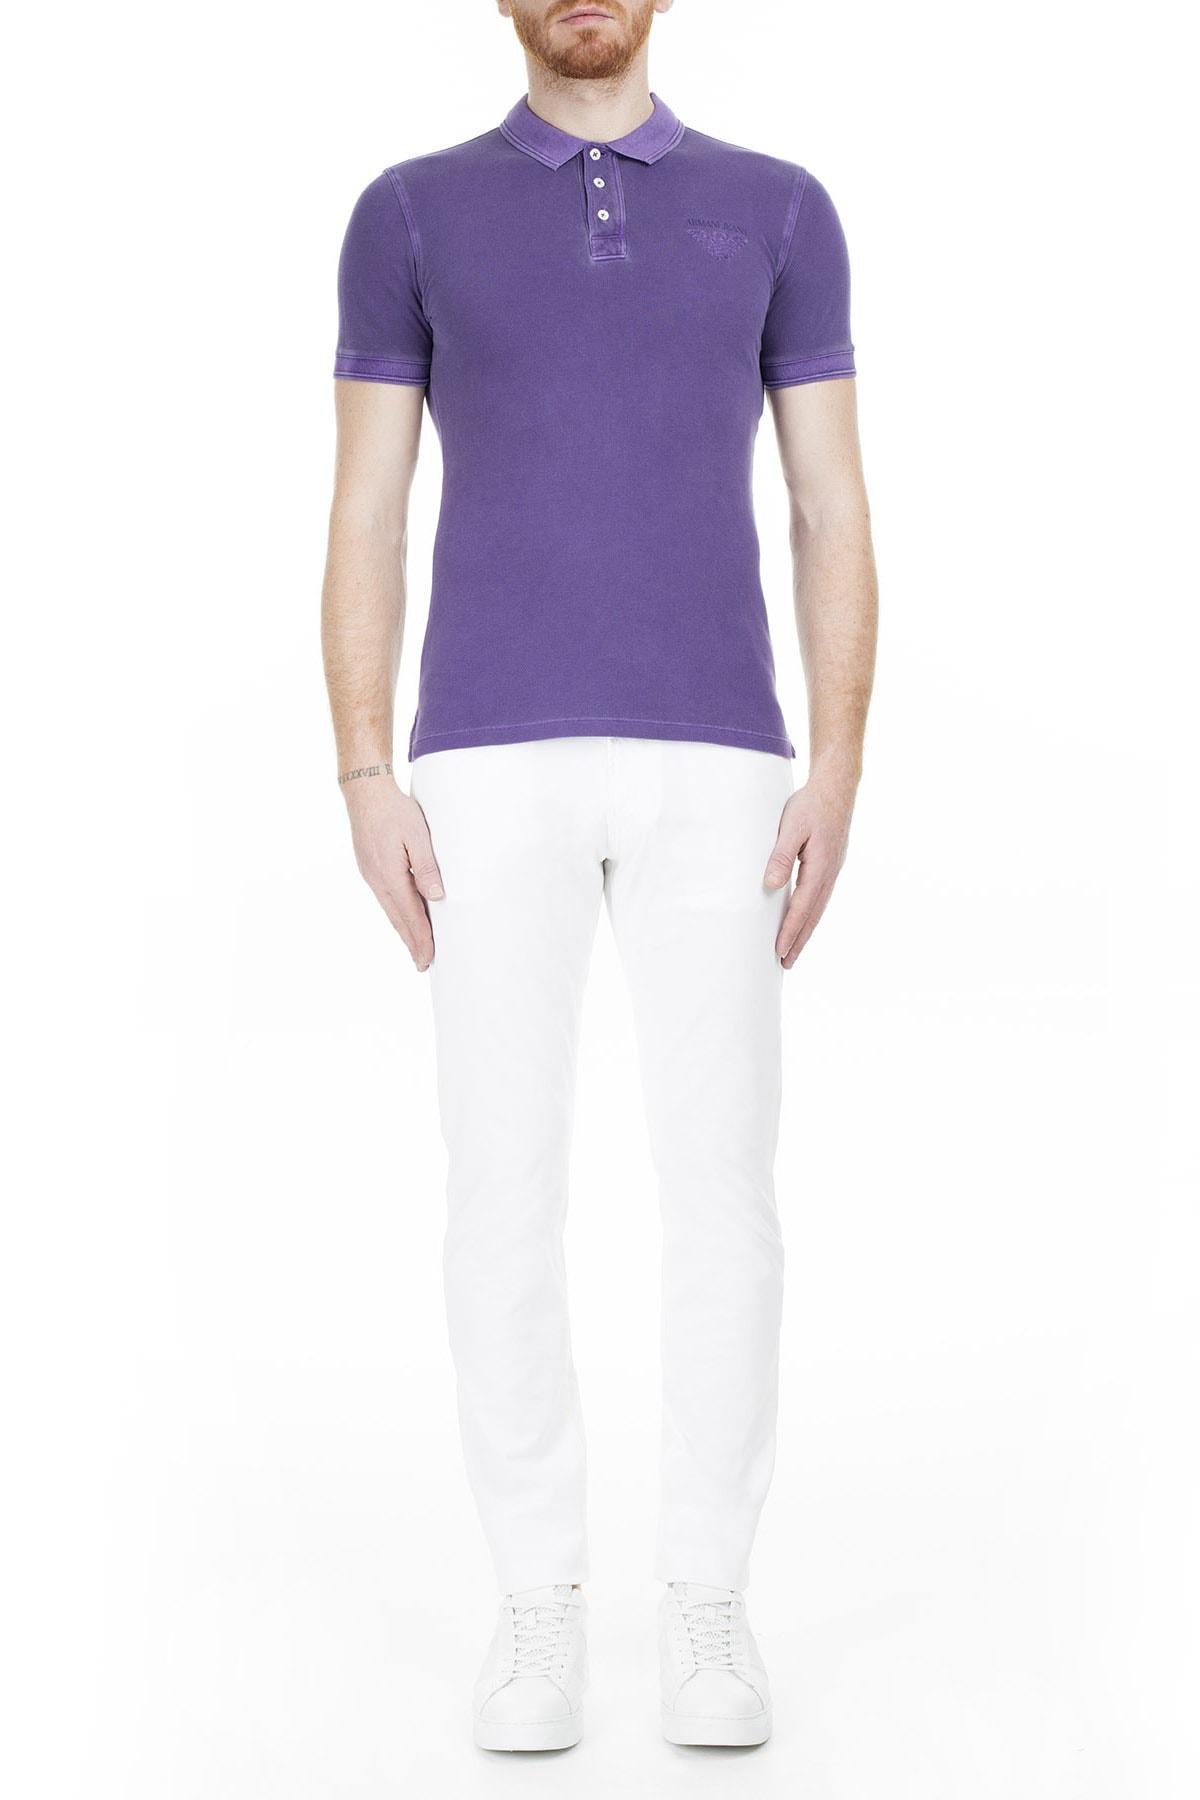 Armani Jeans Erkek Beyaz Pantolon 3Y6J06 6D18Z.1100 1